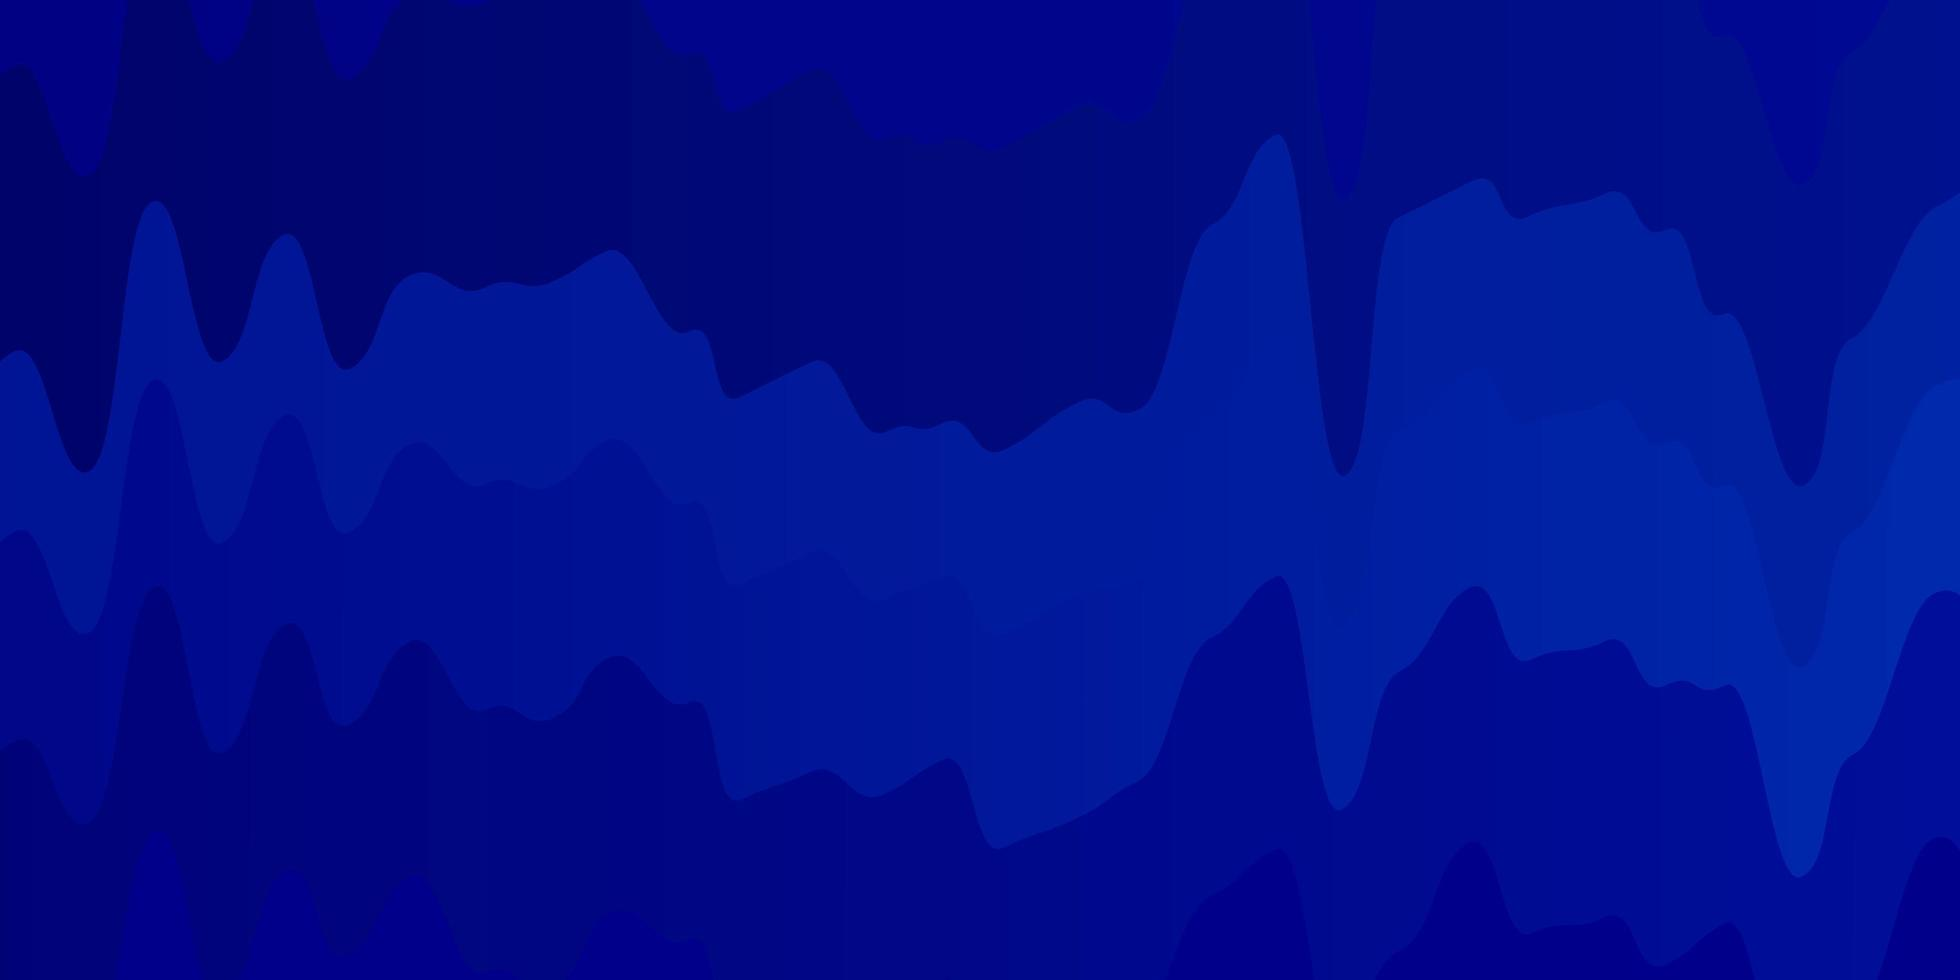 toile de fond de vecteur bleu clair avec des courbes.